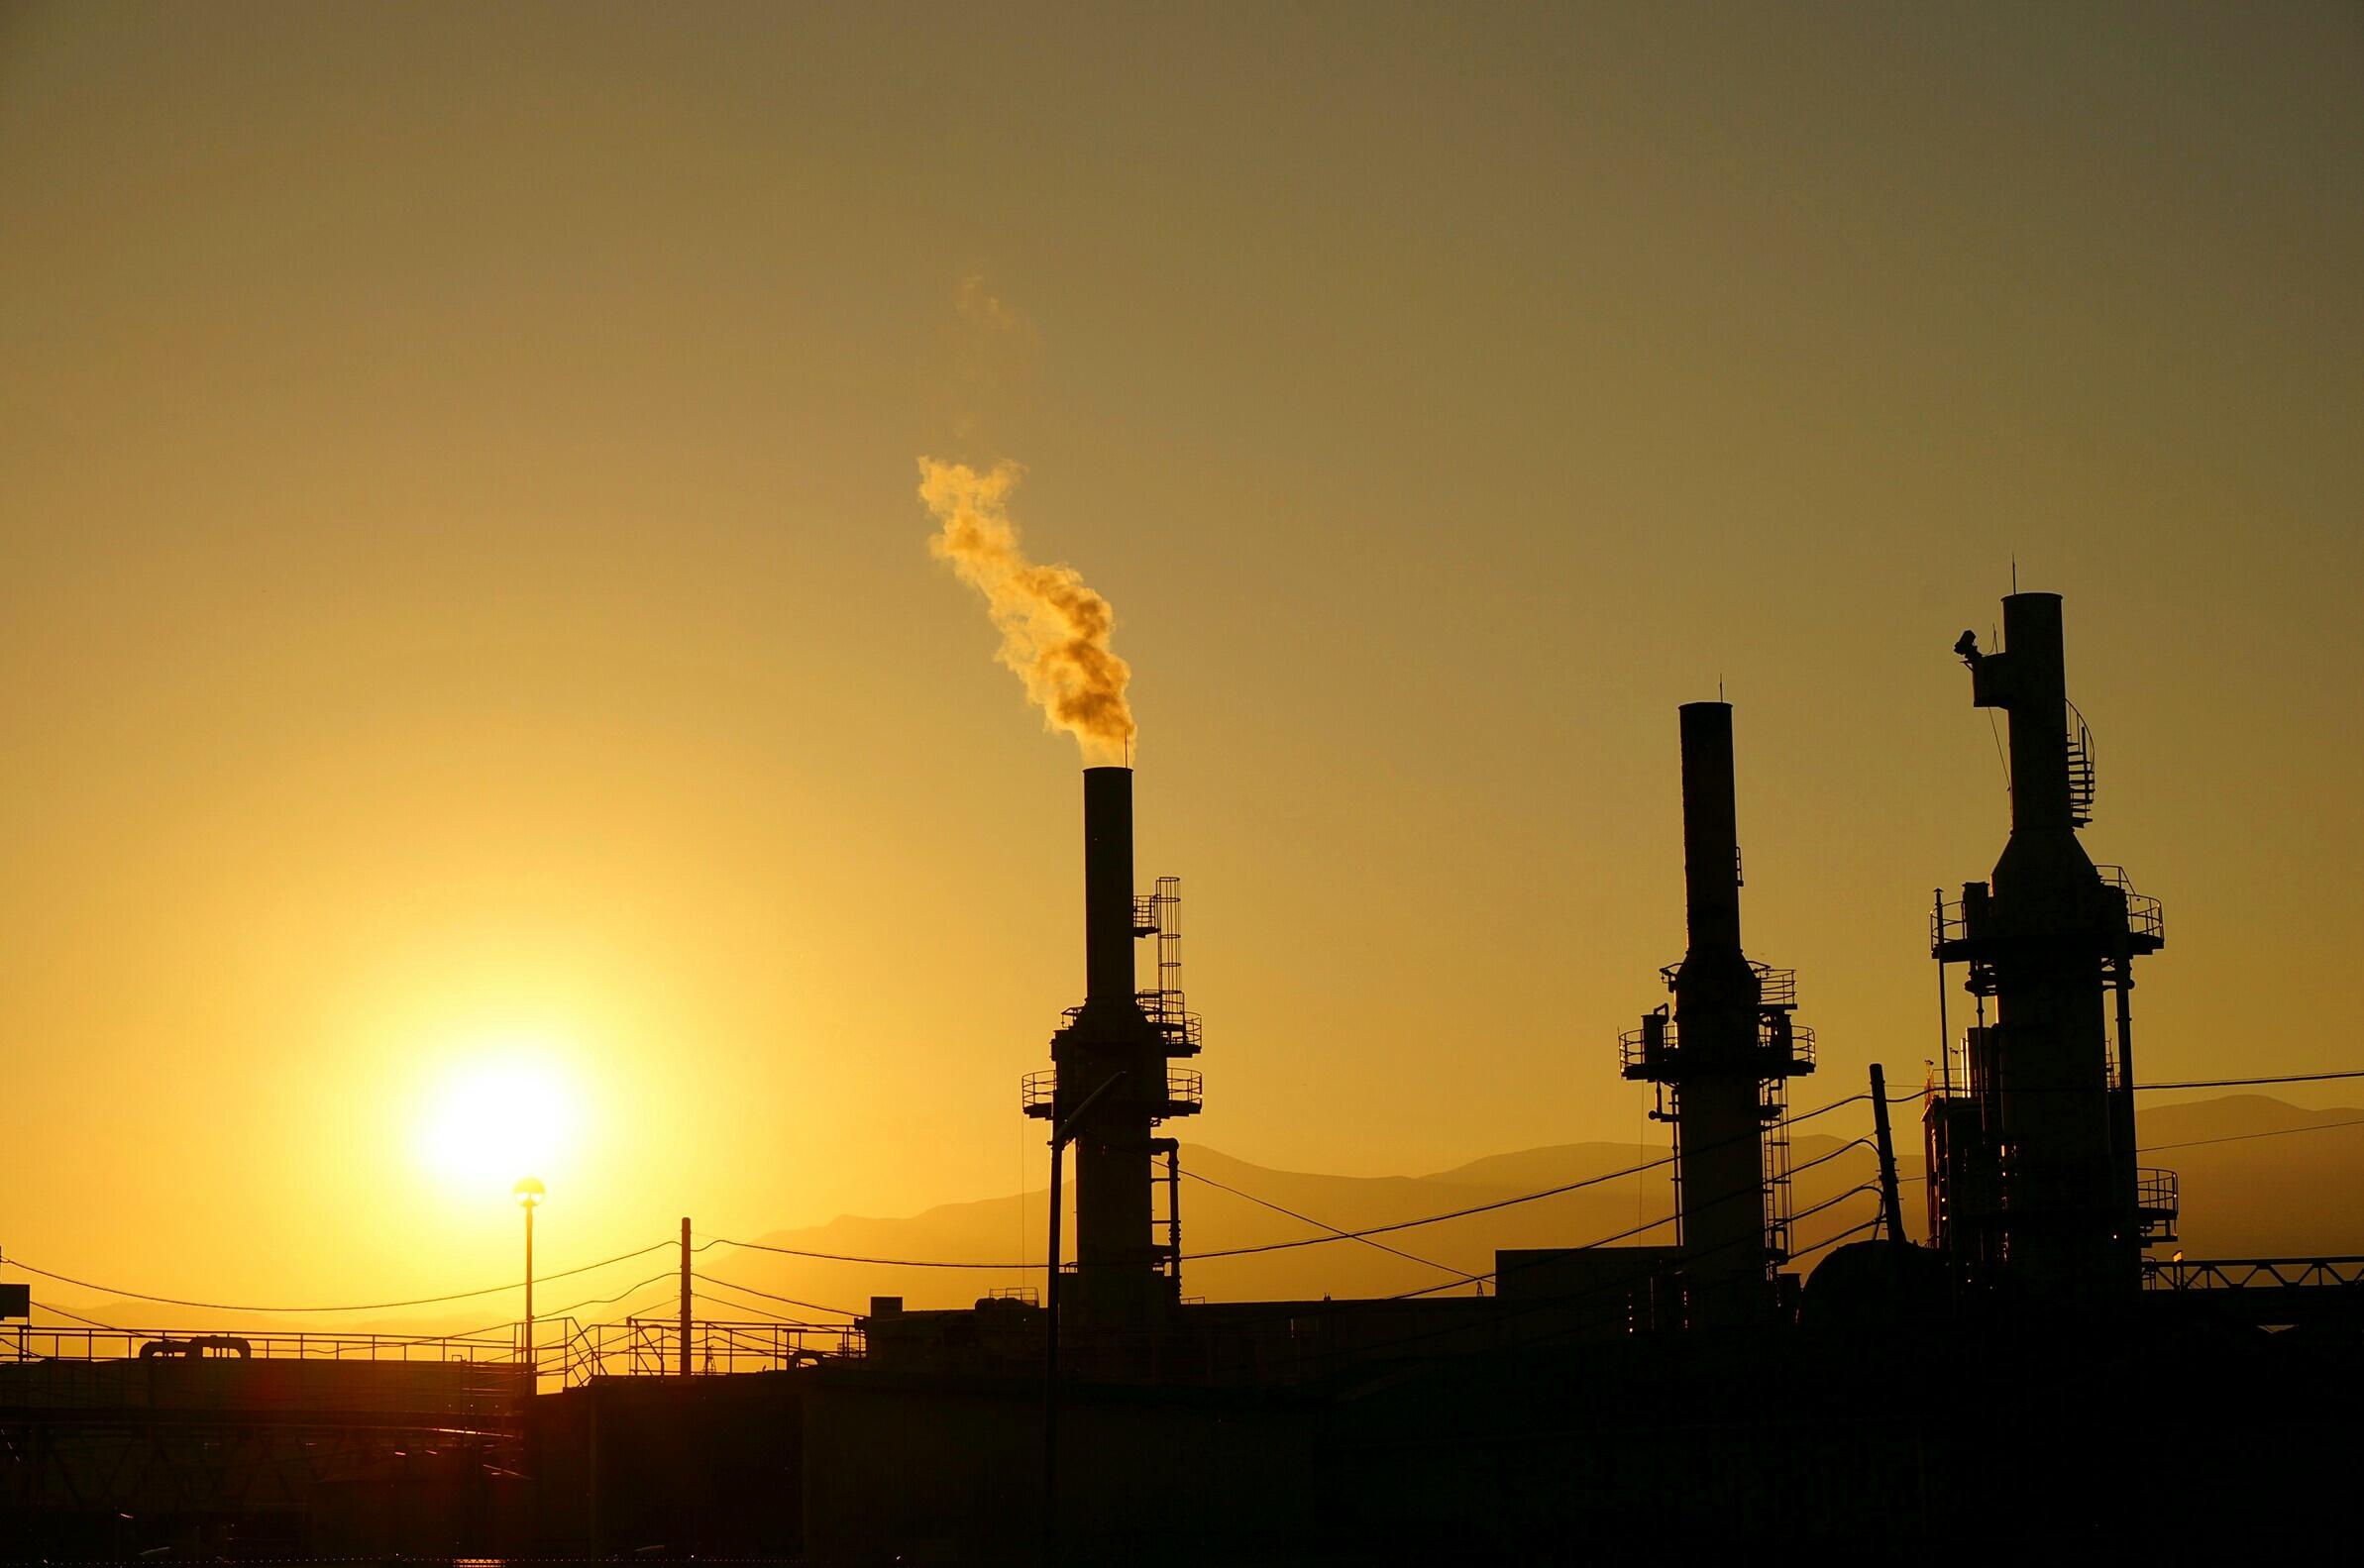 En 2025, le taux de CO2 pourrait atteindre son niveau du Pliocène (une période où les océans étaient 16 mètres plus haut)